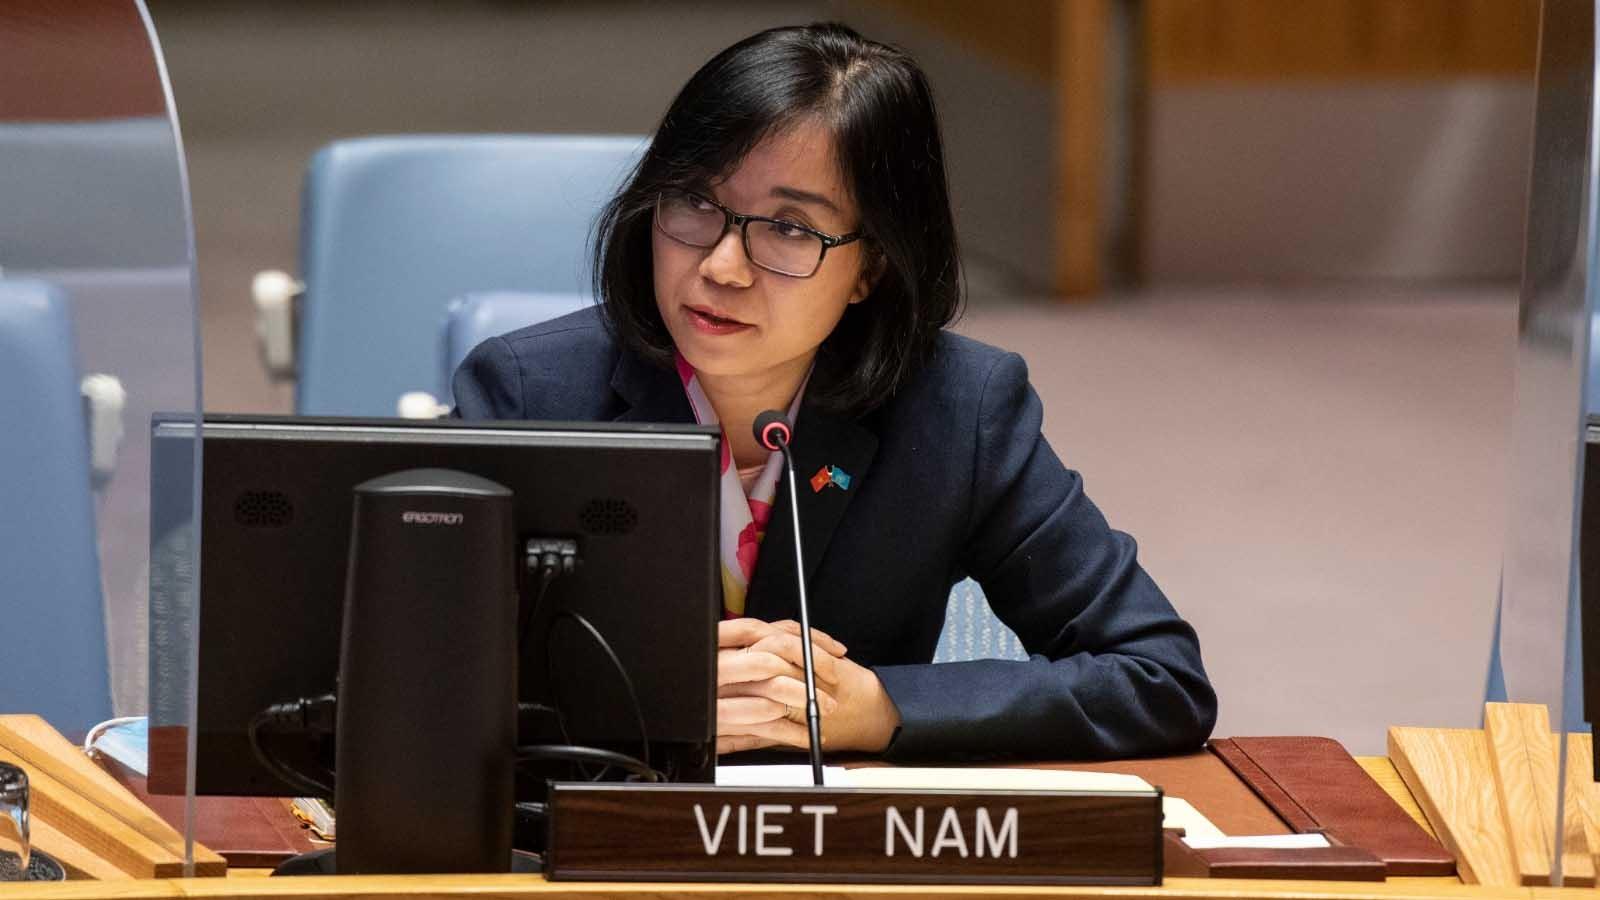 Việt Nam kêu gọi tránh các hành động gia tăng căng thẳng tại Lebanon